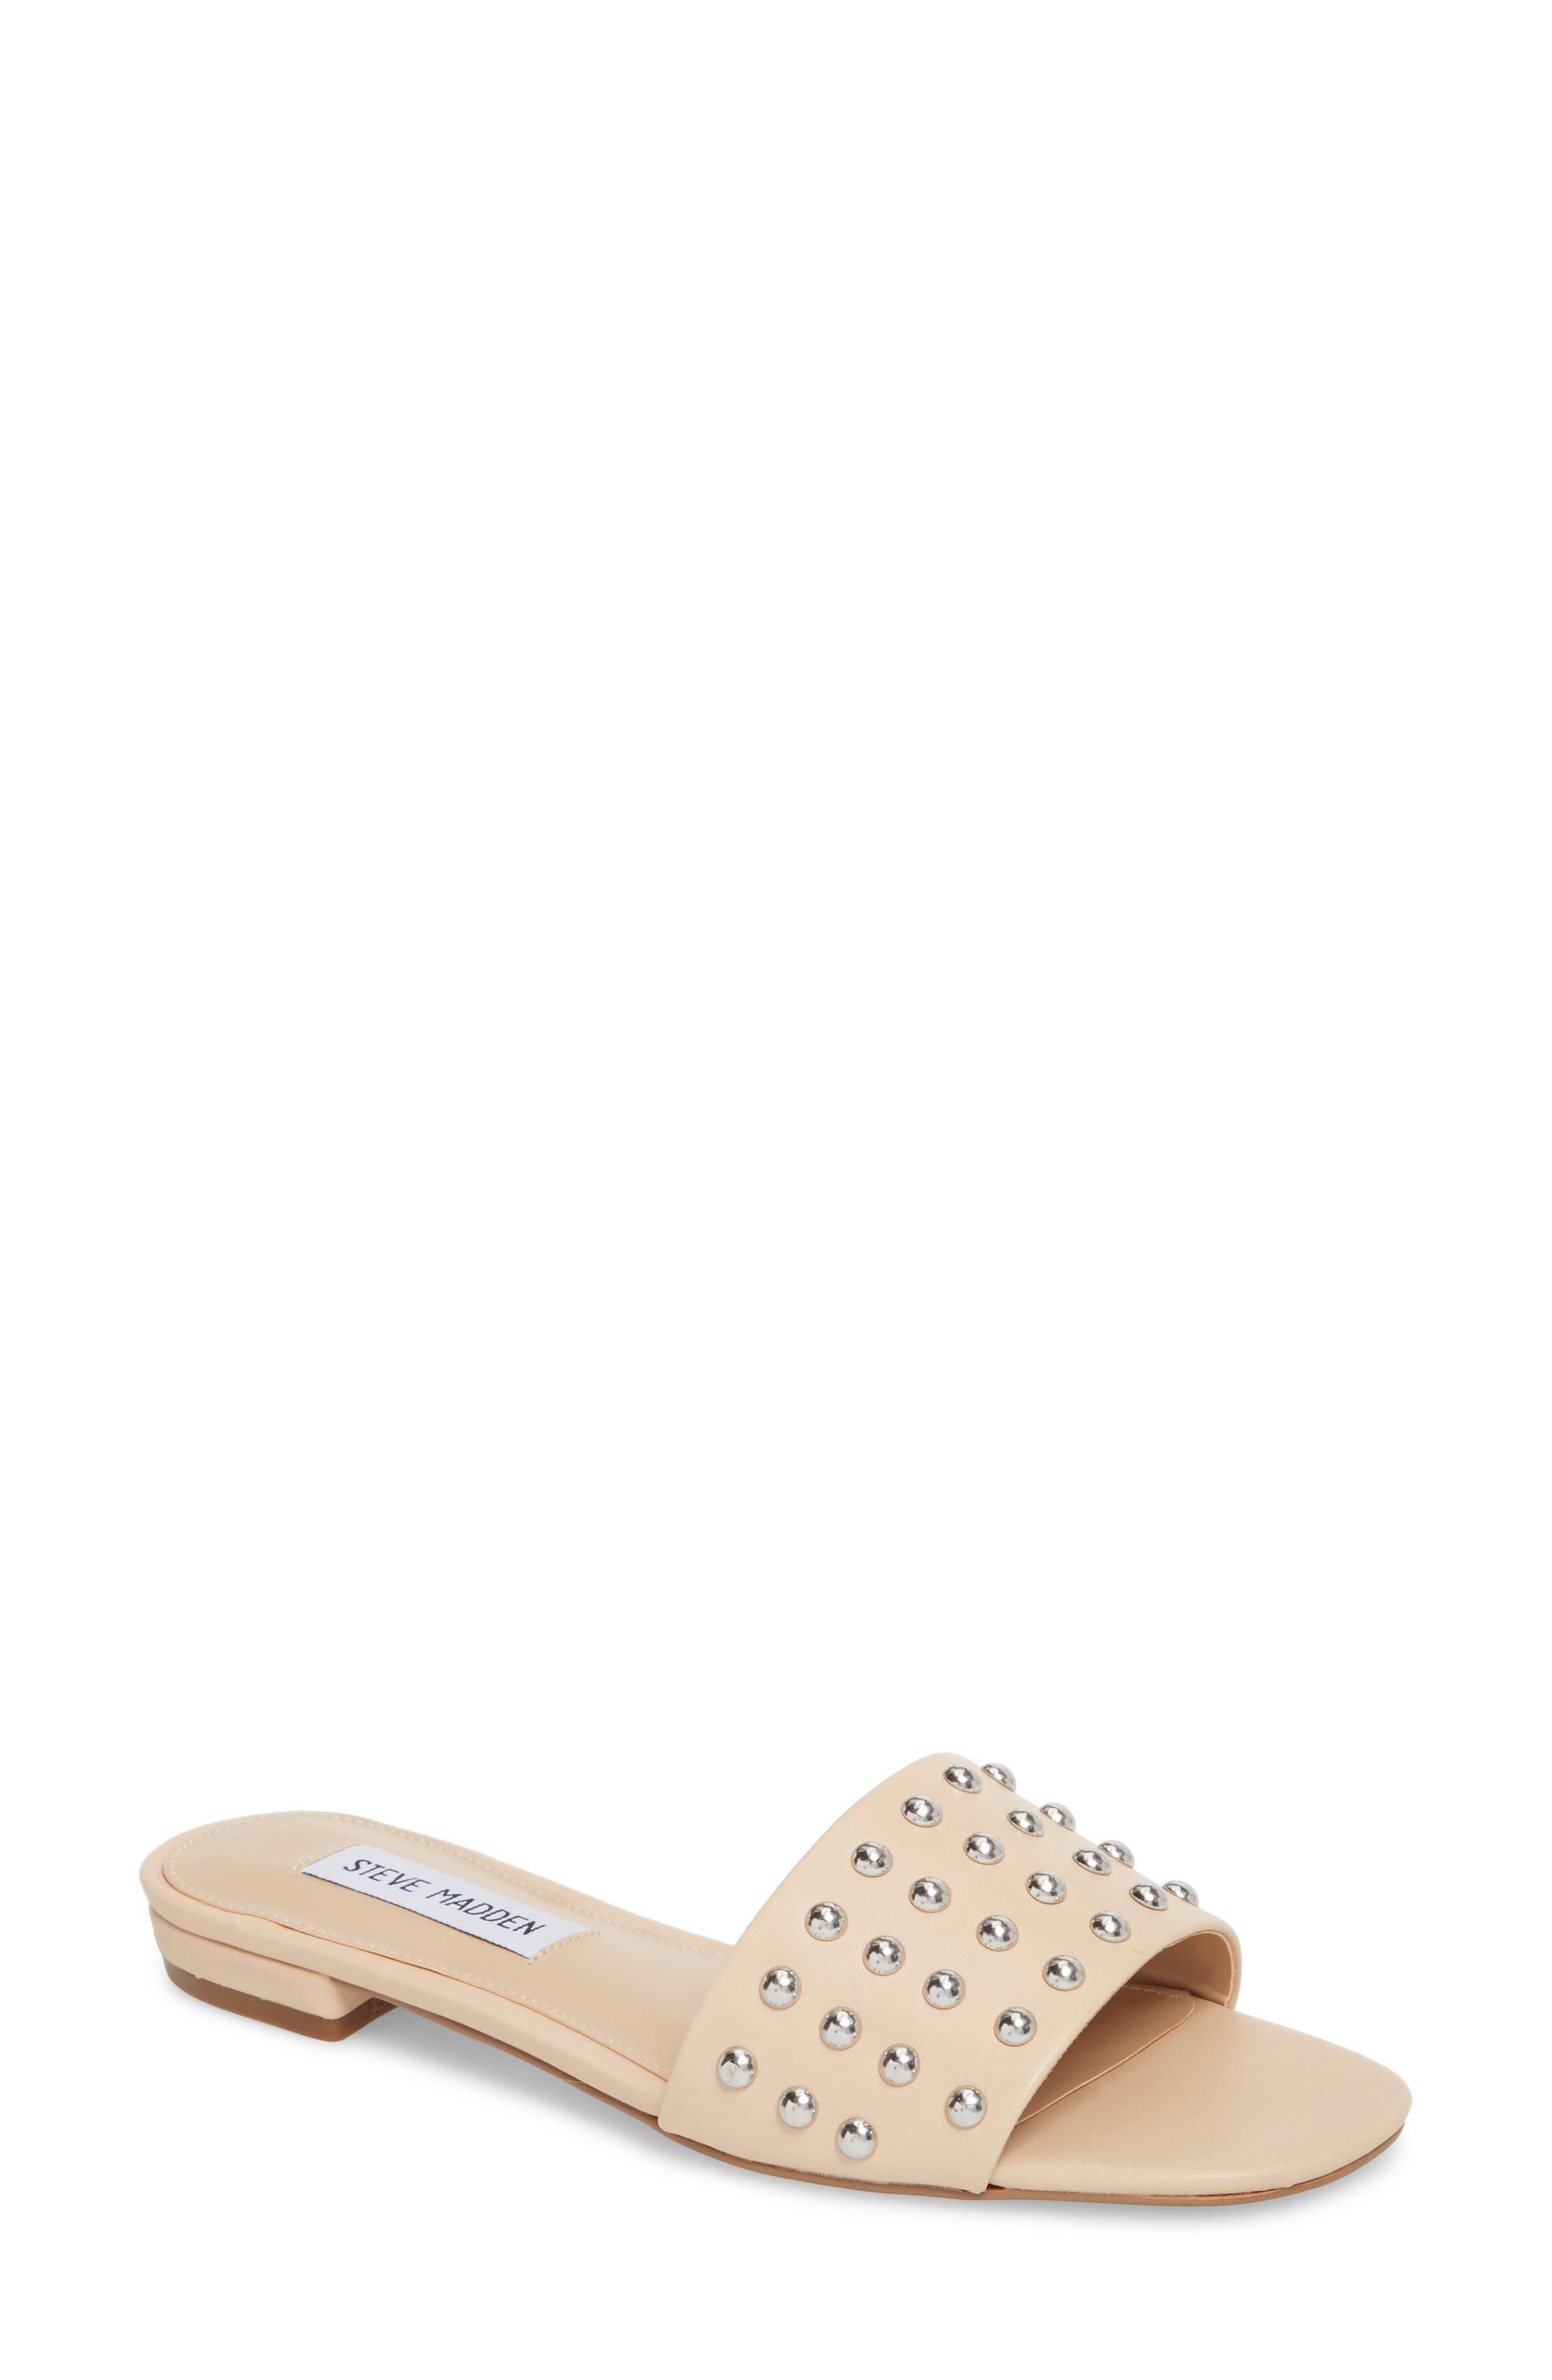 Viv Studded Slide Sandal,                         Main,                         color, Blush Leather